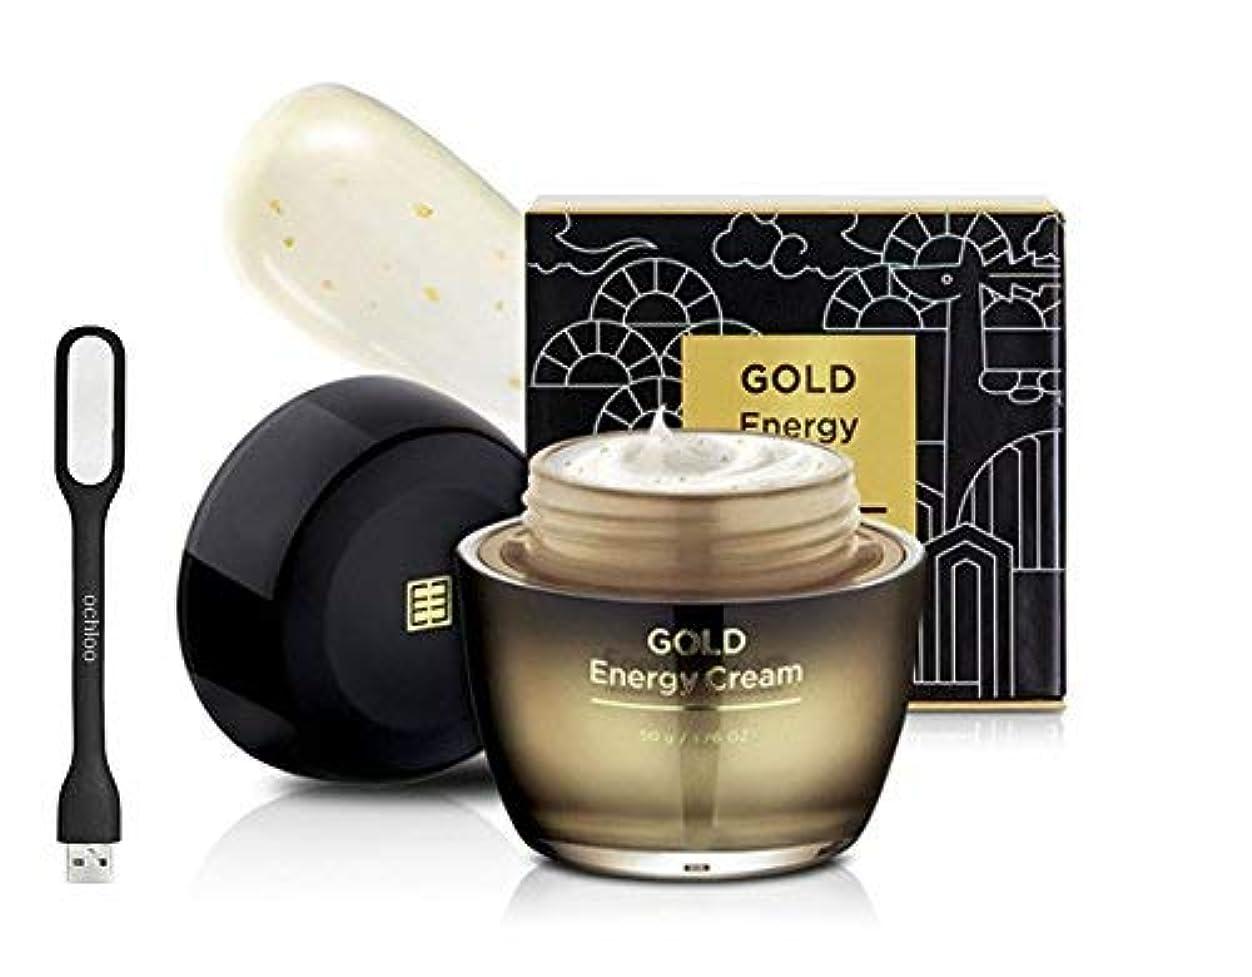 欲望羊飼い色合いESTHEMED エステメド ゴールド エネルギー クリーム GOLD Energy Cream 50g 【 シワ改善 美肌 保湿 回復 韓国コスメ 】